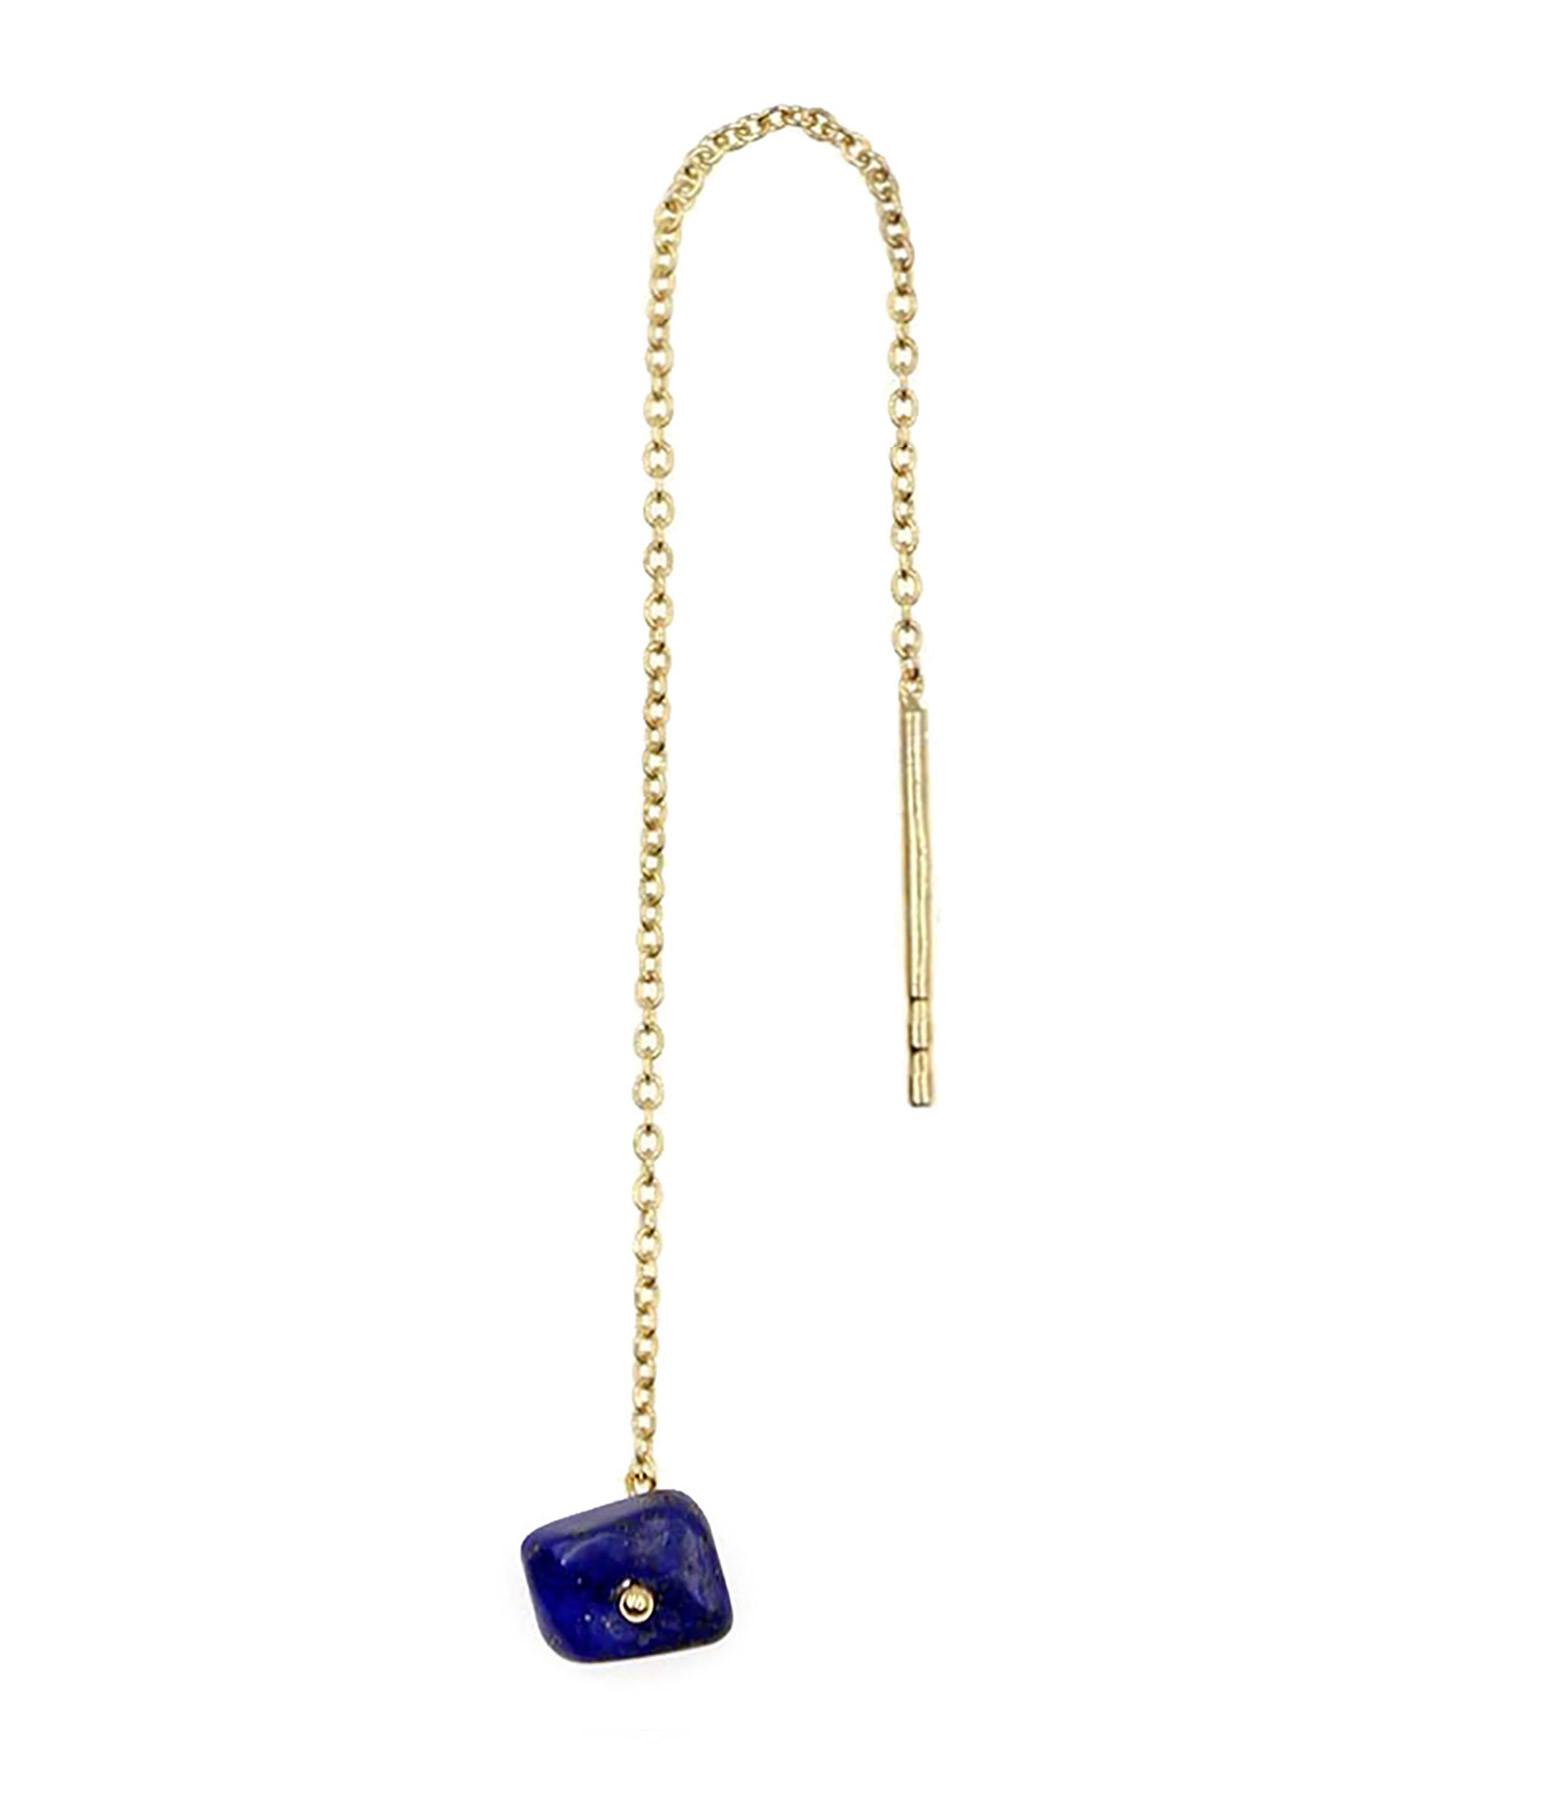 MON PRECIEUX GEM - Boucle d'oreille Chaîne Lapis Lazuli (unité)